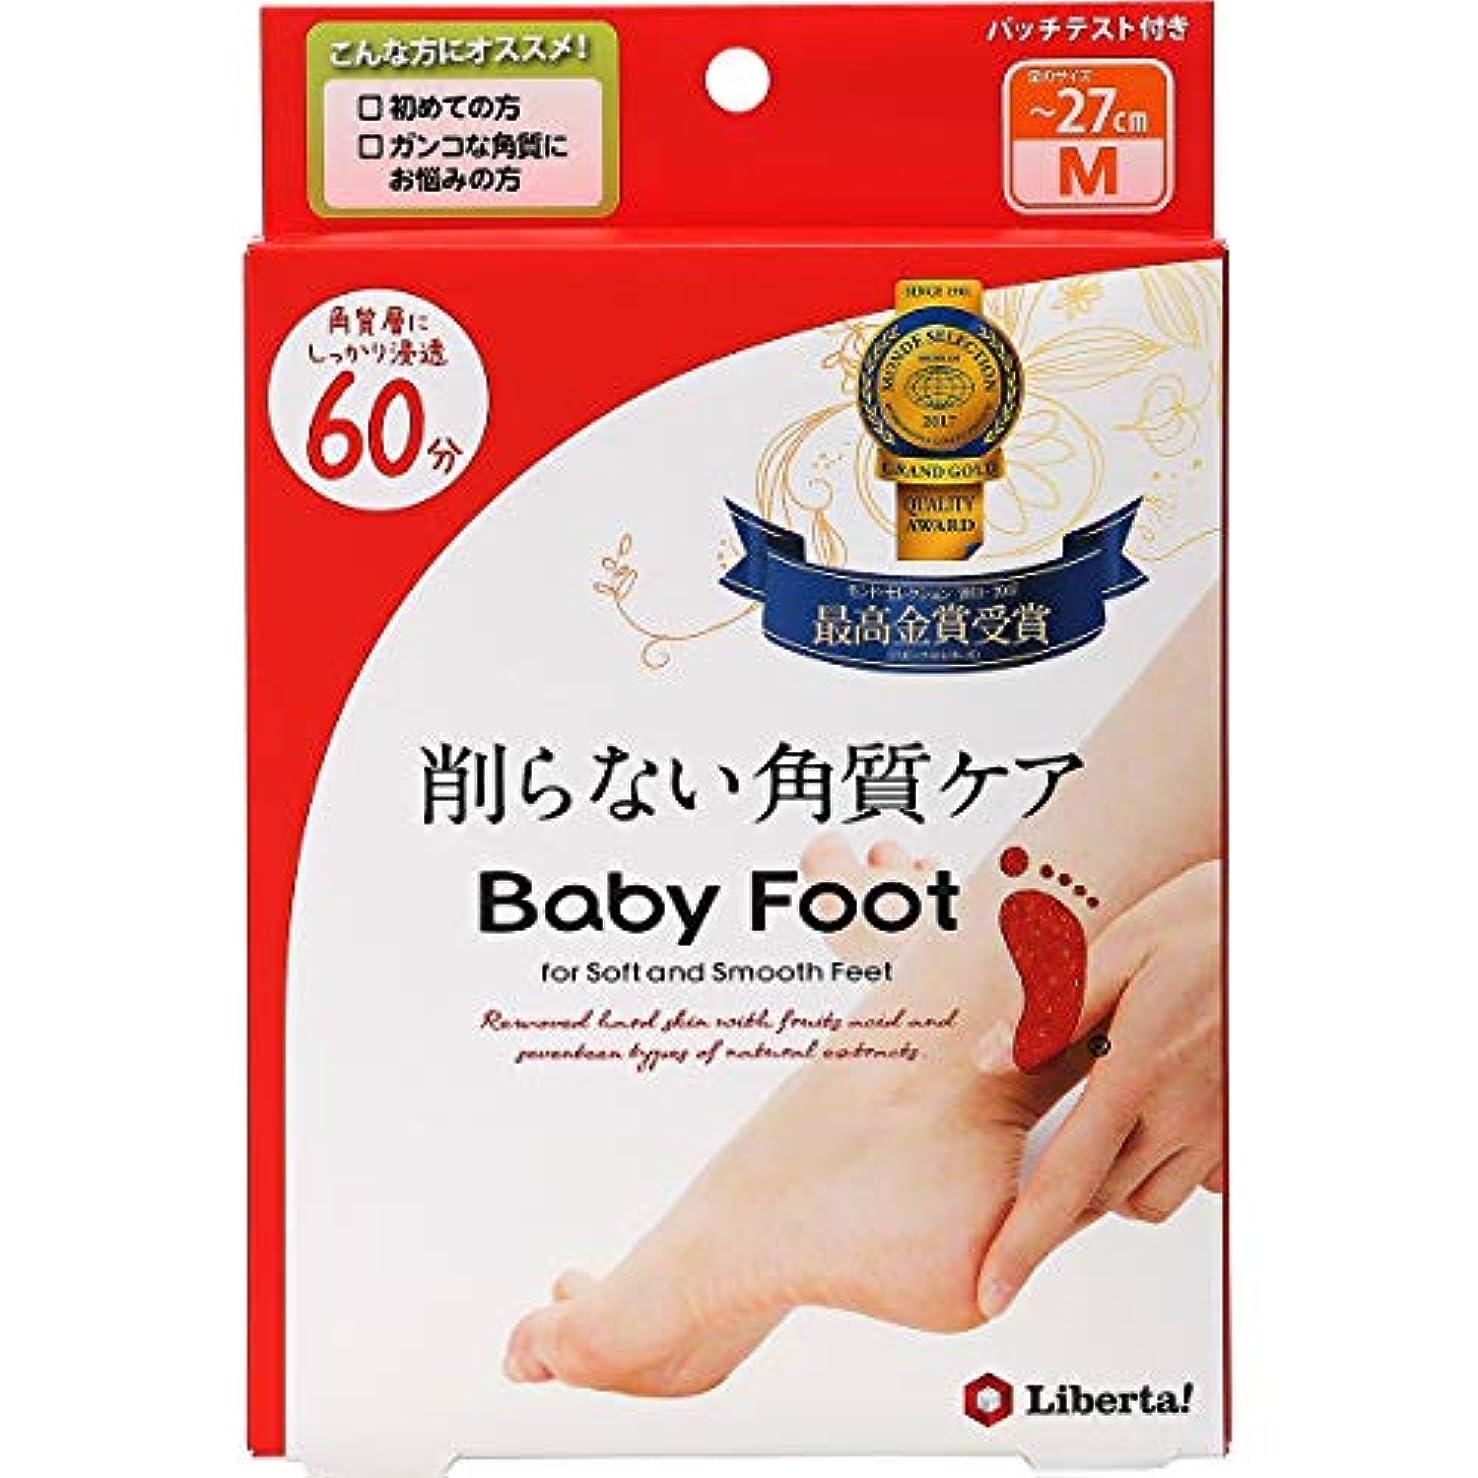 ビン応用増強ベビーフット (Baby Foot) ベビーフット イージーパック SPT60分タイプ Mサイズ 単品